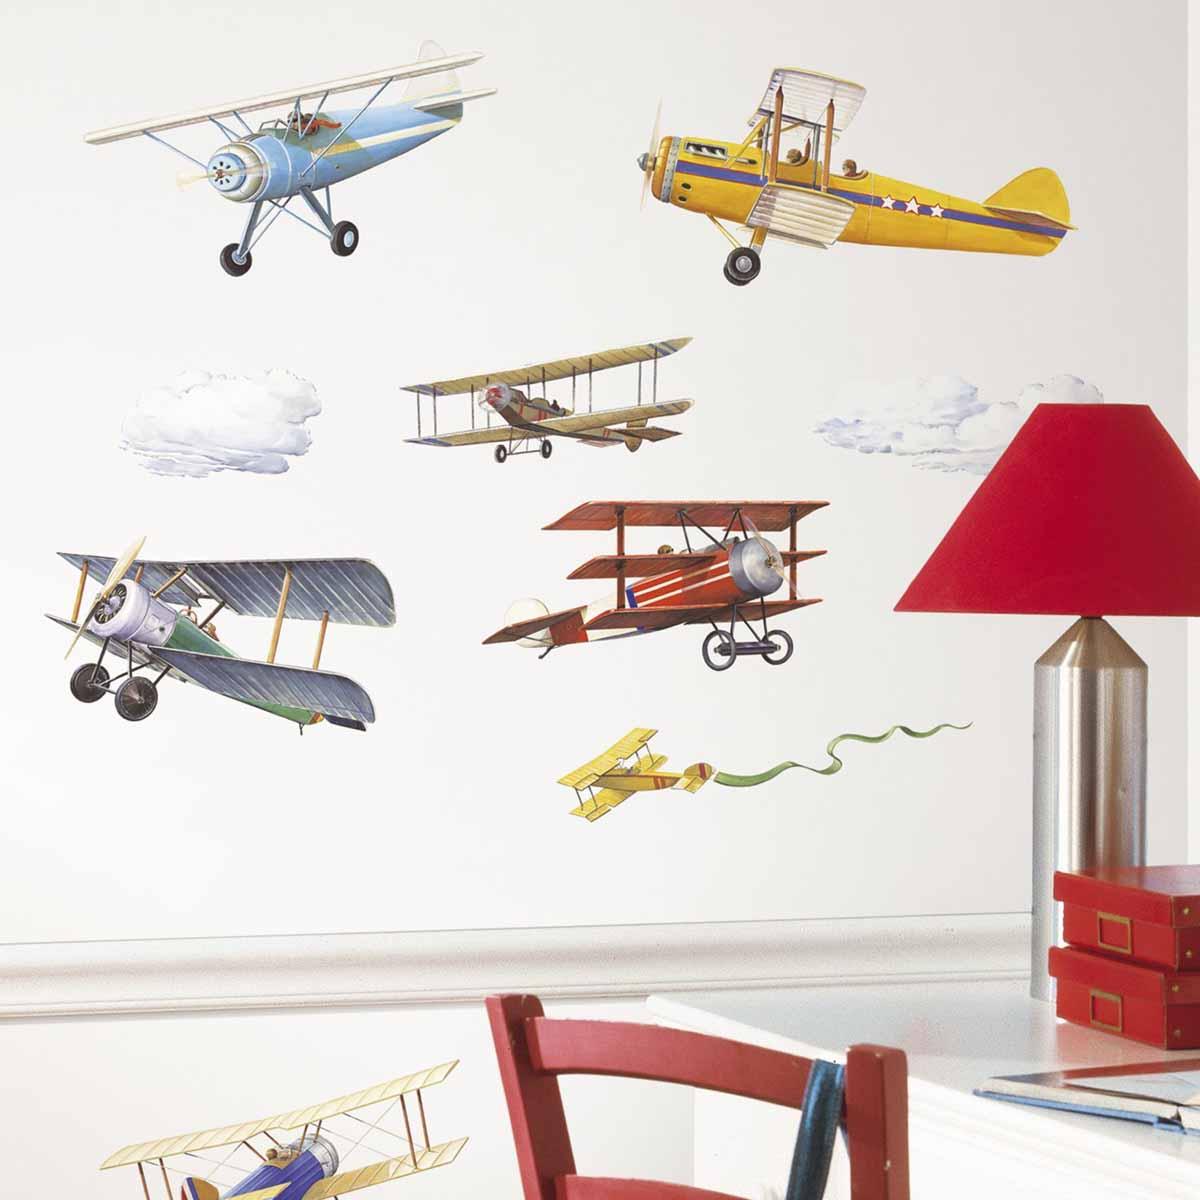 RoomMates Наклейка интерьерная Самолеты Исторические модели 22 шт